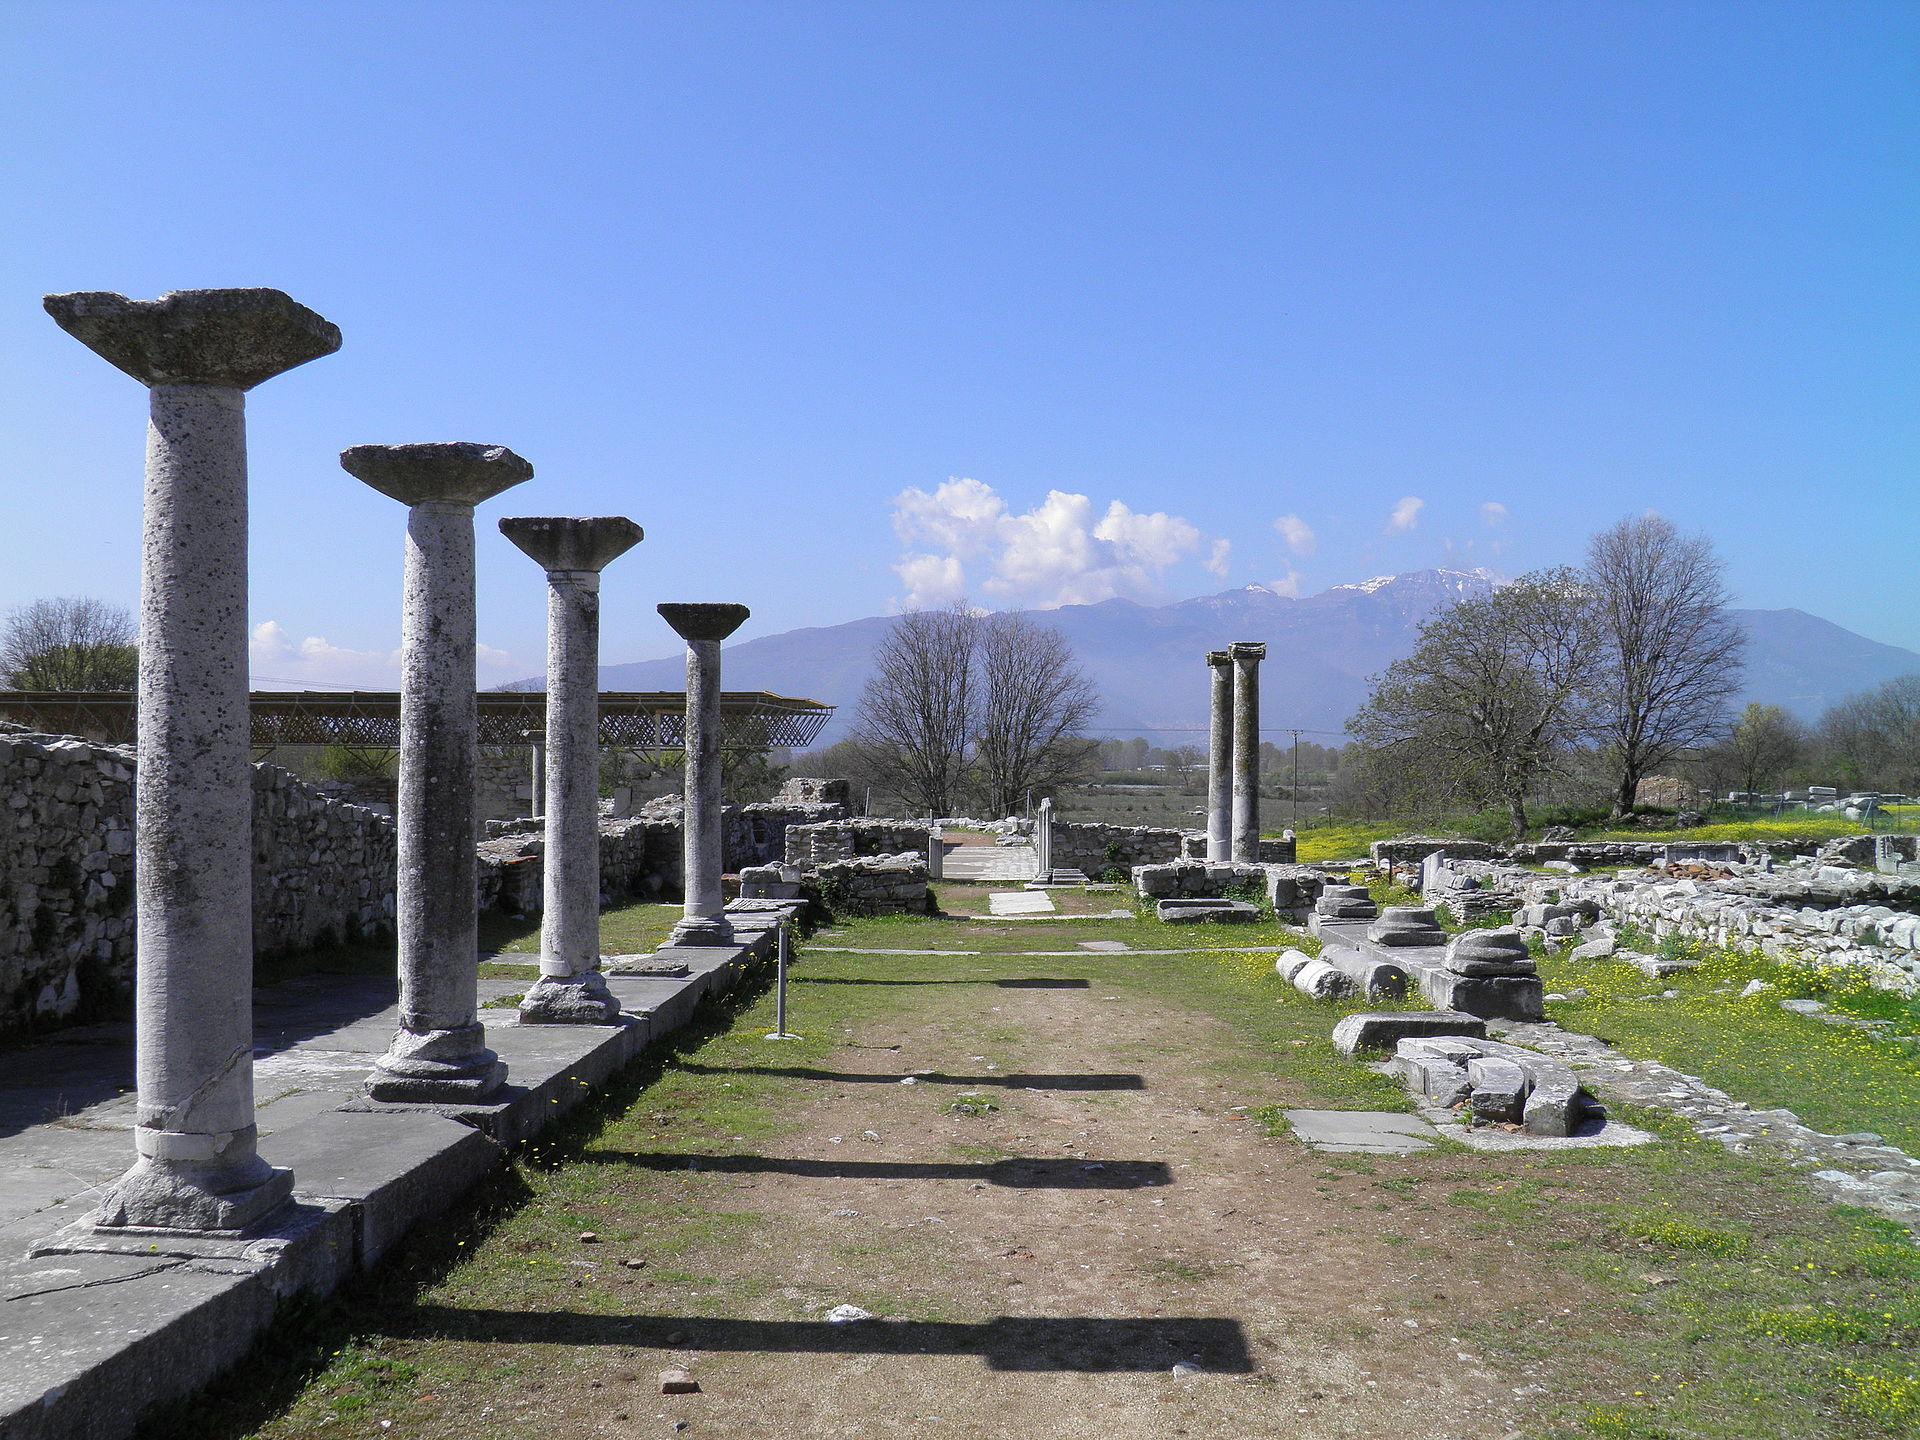 The_Forum,_Philippi_(7272795358)